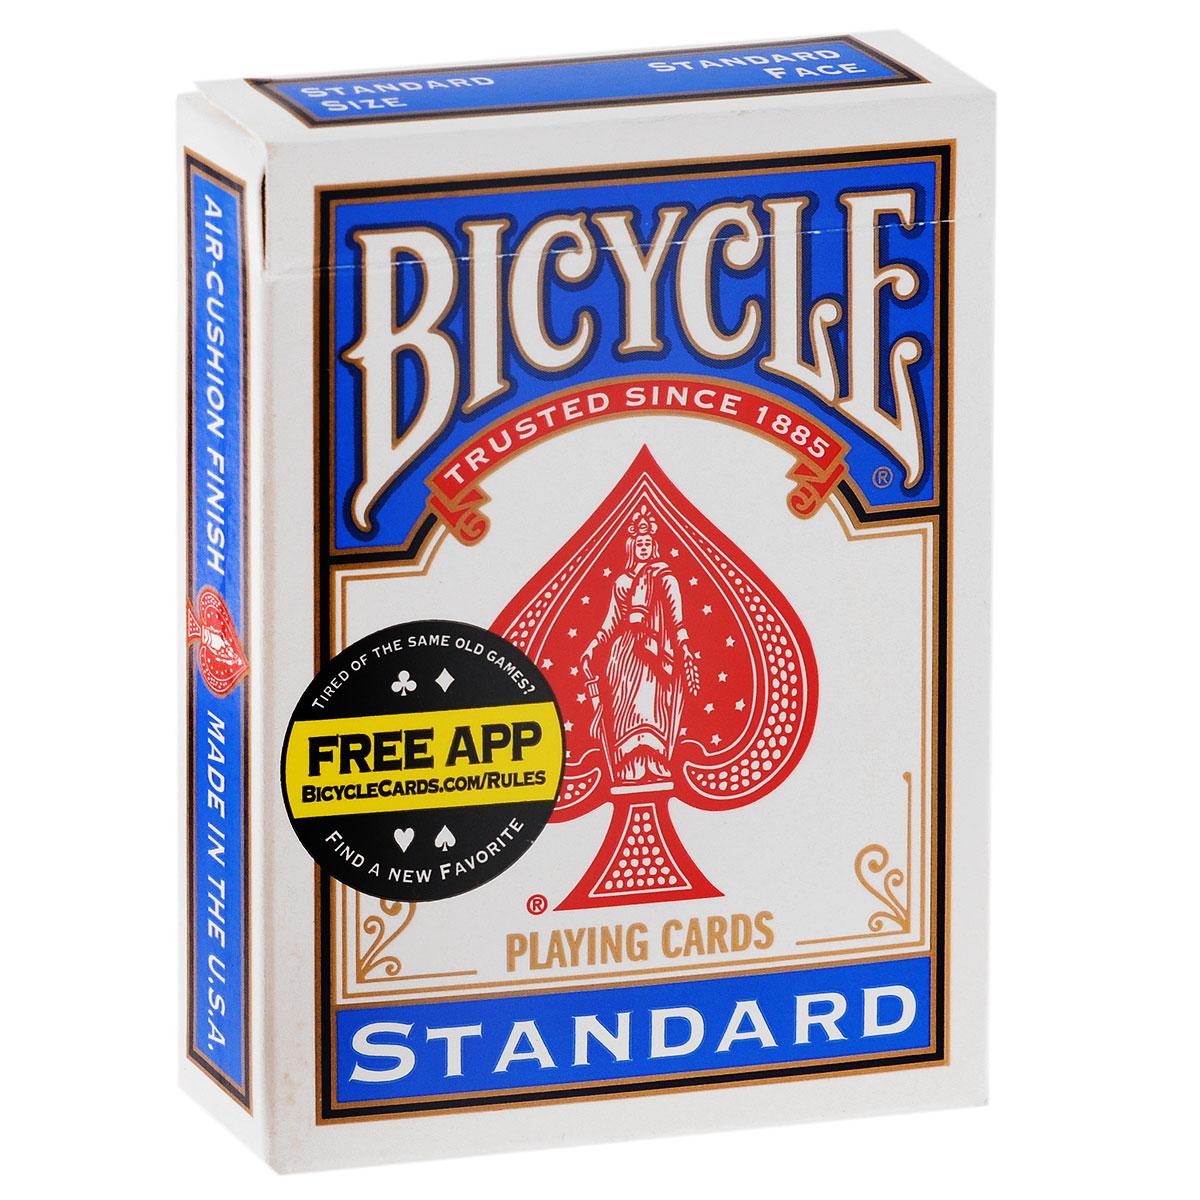 Карты для фокусов Bicycle с двойной рубашкой, цвет: синий, 56 штК-031Карты для фокусов Bicycle Rider Back от всемирно известного американского производителя помогут расширить ваши возможности фокусника. Благодаря тому, что с обеих сторон карты изображена рубашка синего цвета с рисунком, идентичным рисунку на колоде Bicycle Standart, эти карты станут прекрасным дополнением к стандартной колоде, что позволит создавать новые, более интересные фокусы. Колода имеет классический покерный размер и дизайн, создана на основе колоды Bicycle Standard, с качественным пластиковым покрытием, поэтому они ни внешним видом, ни на ощупь, не отличаются от игральной колоды. С ними вы сможете совершенствовать свое мастерство и удивлять друзей и коллег. Ловкость рук - и никакого мошенничества. Обращаем ваше внимание! Данный комплект карт поставляется без заводской целлофановой упаковки, что является особенностью всех карт для фокусов.